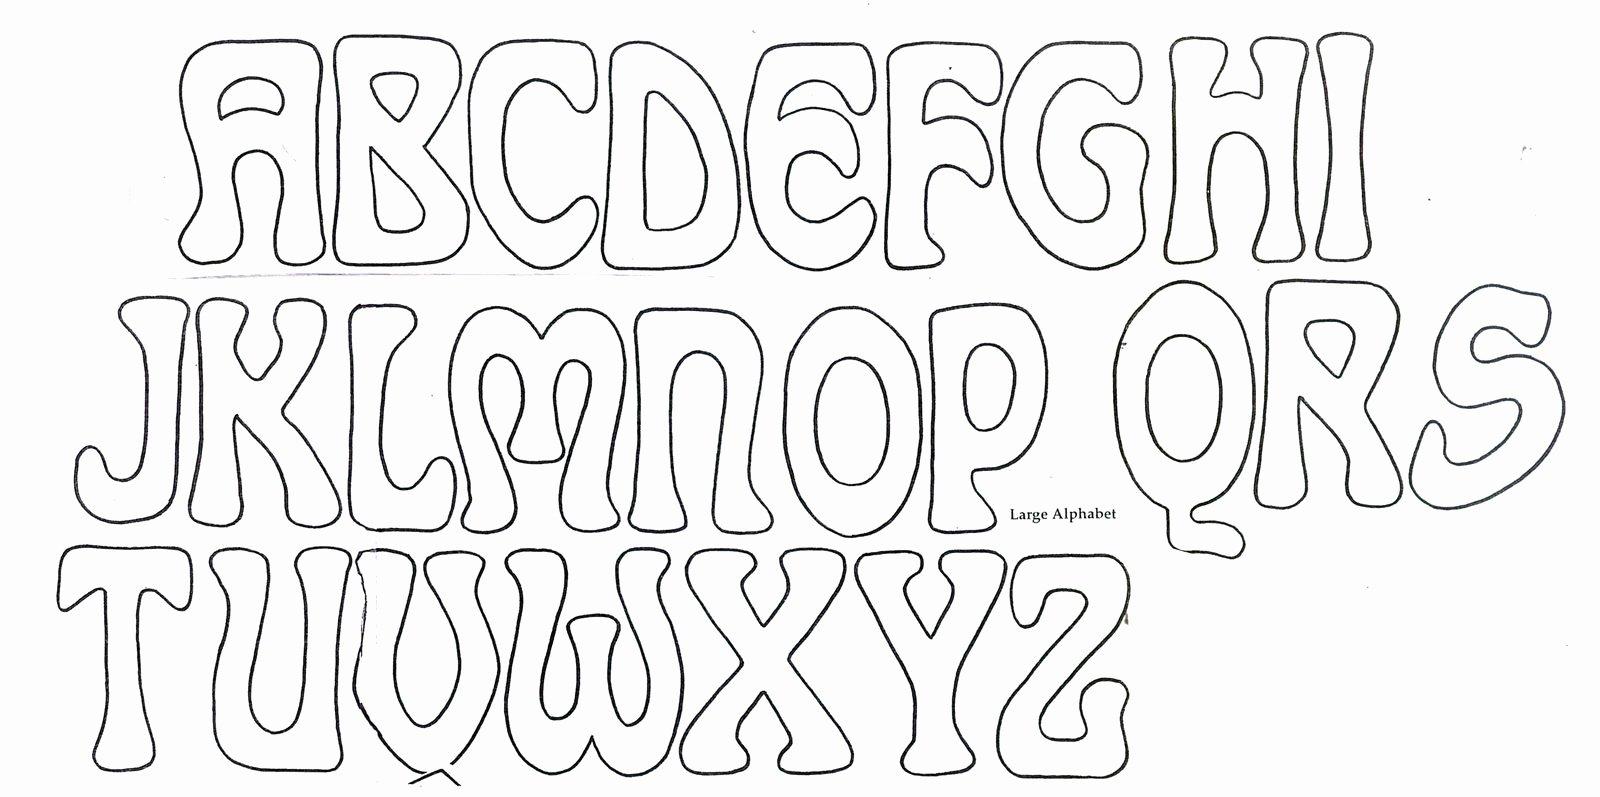 Bubble Letter Font Printable Fresh Cool Bubble Letters Alphabet to Trace